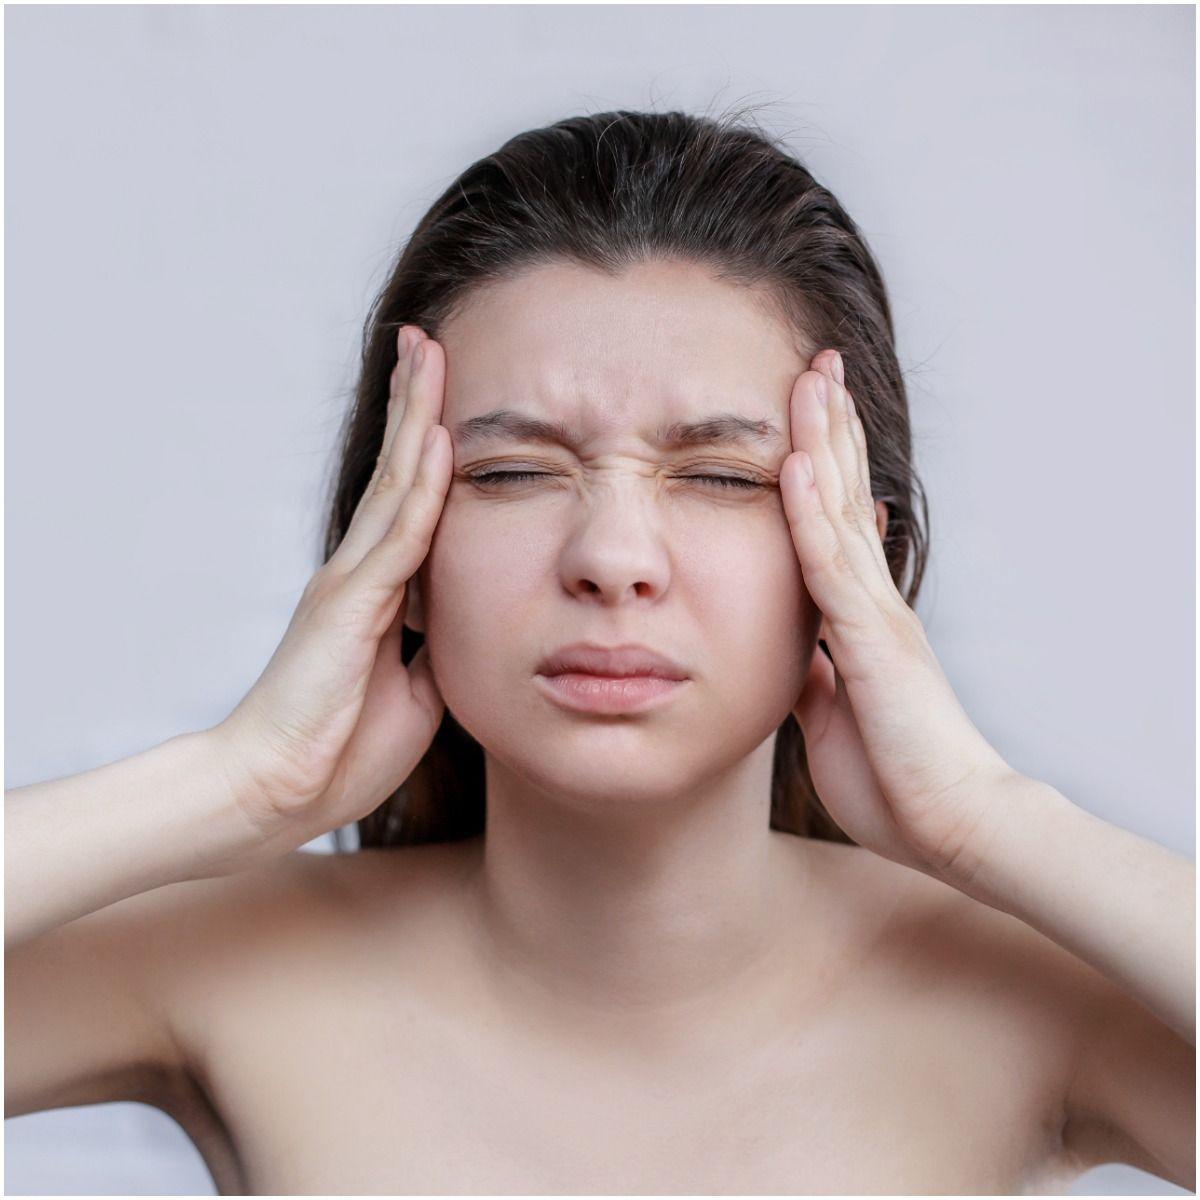 spiritual meaning of headaches